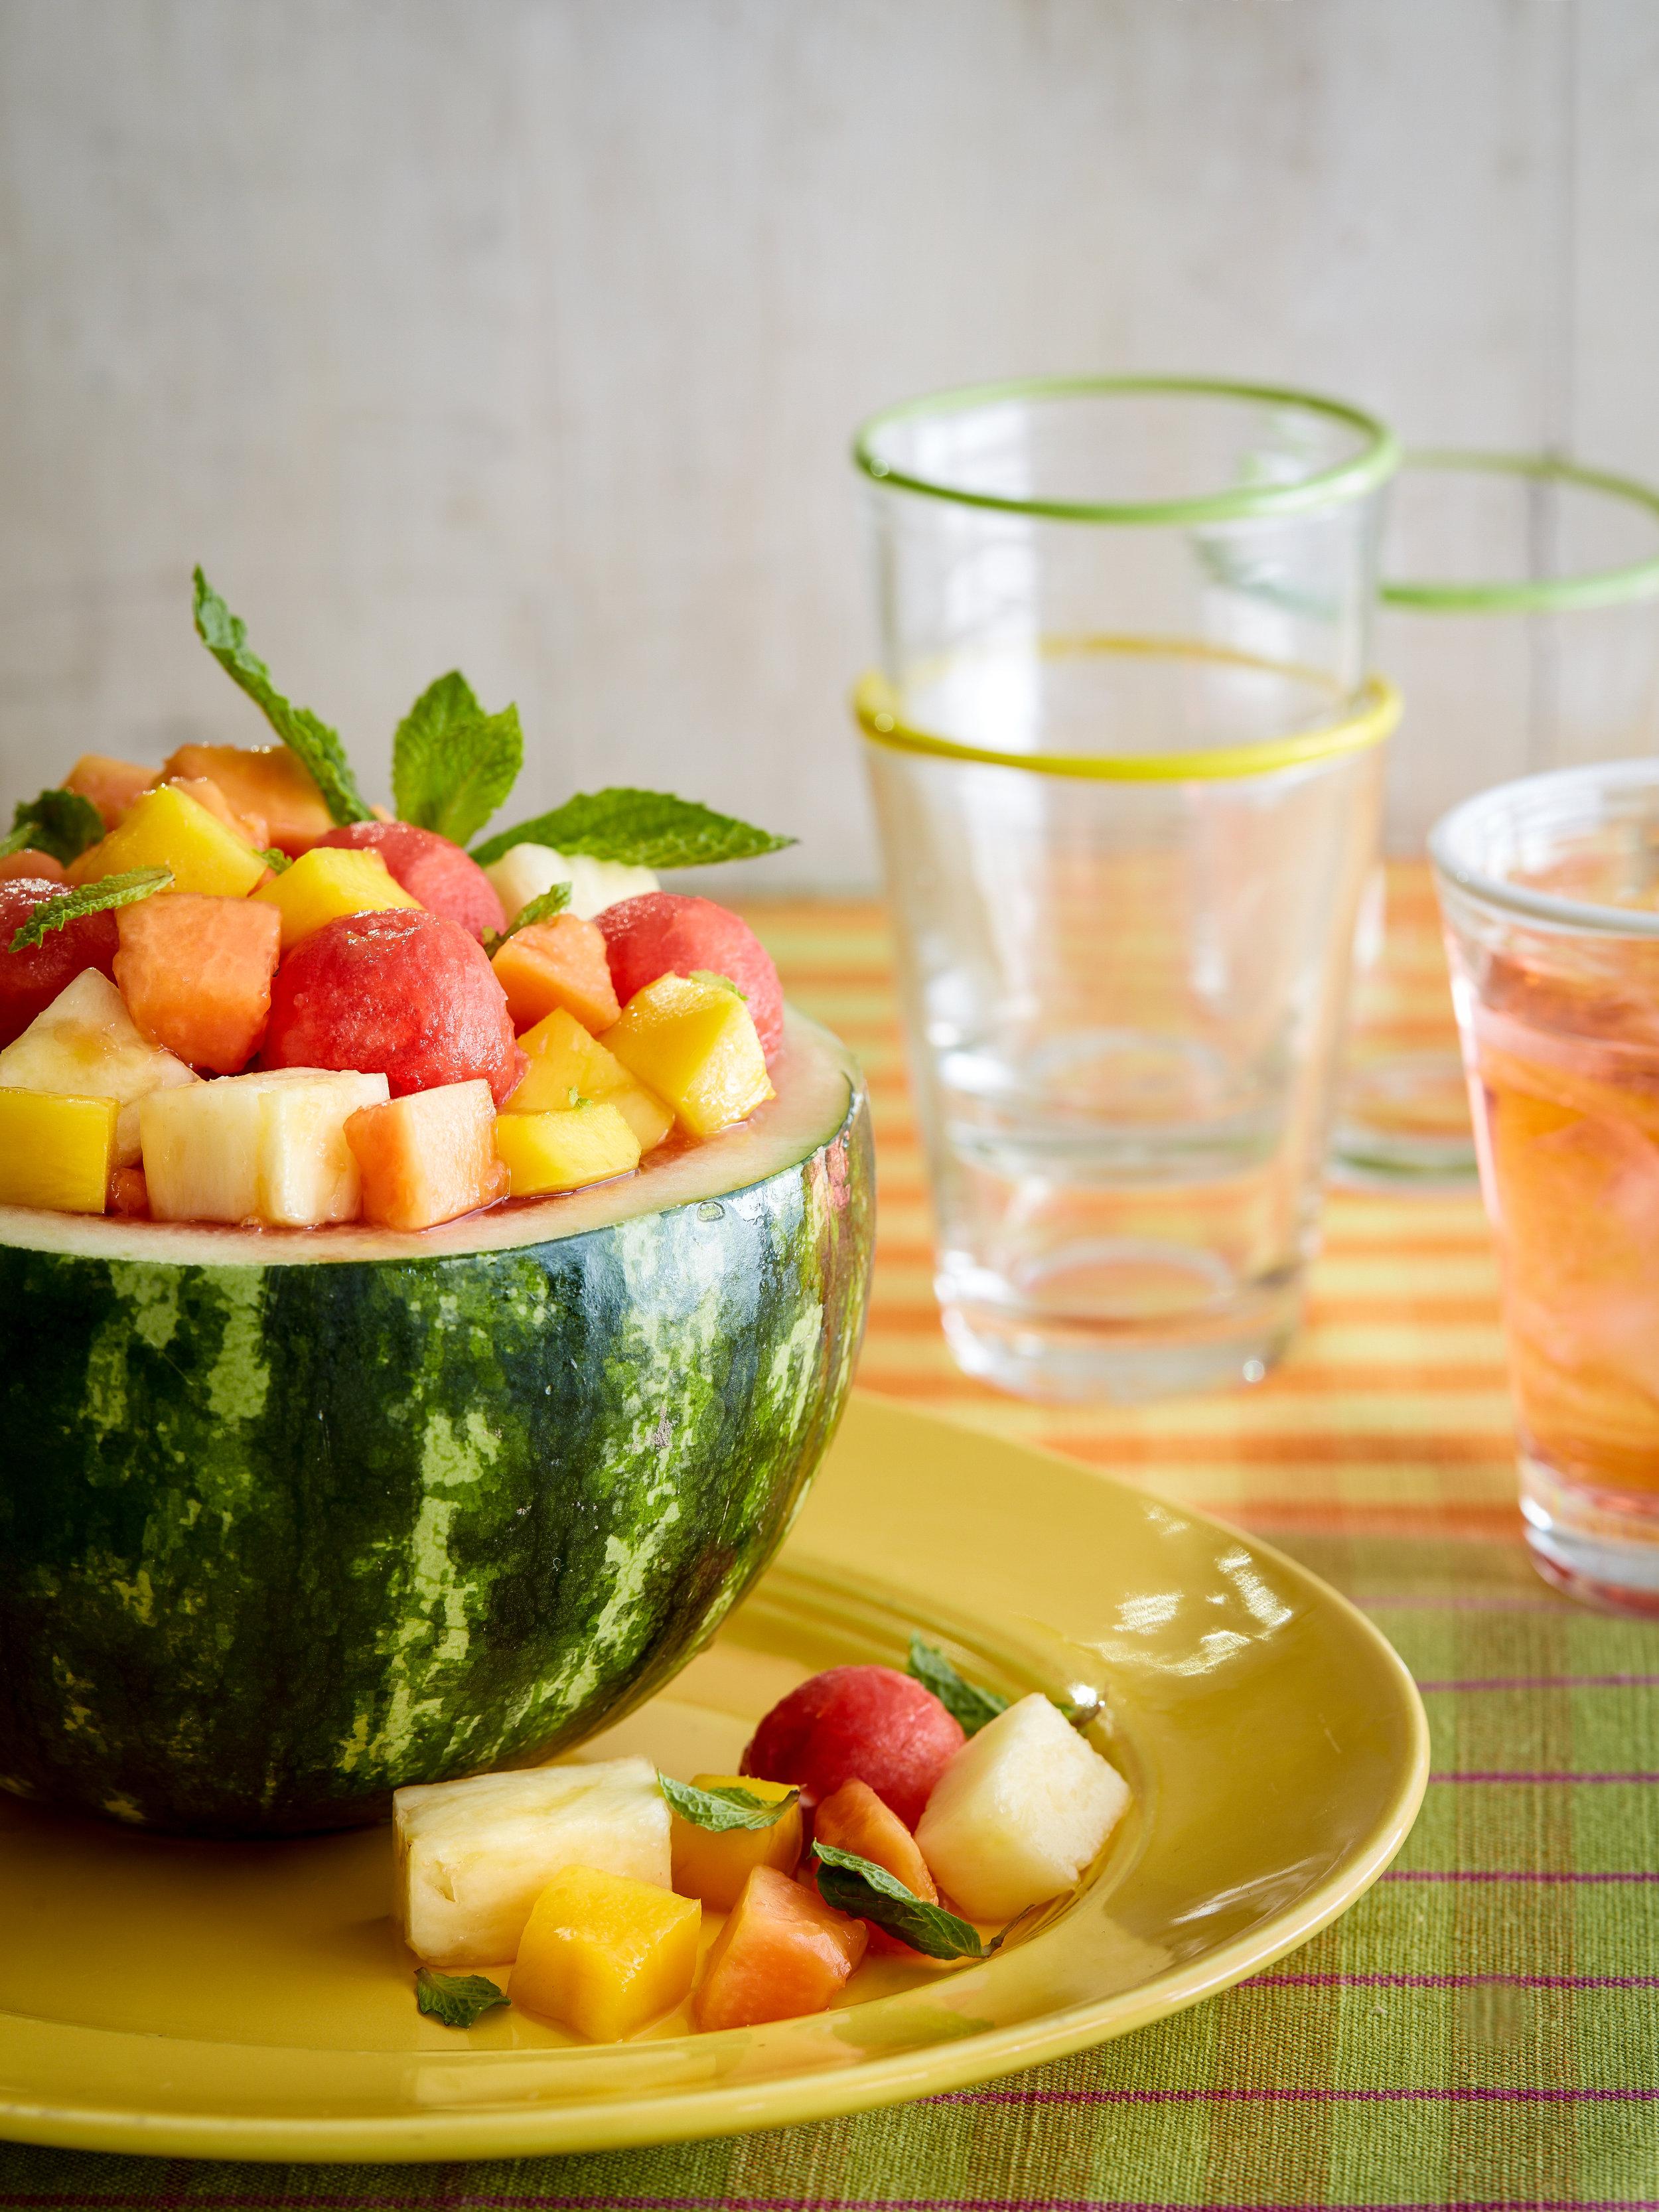 Cuba_Cookbook_Fruit_Salad_0371.jpg